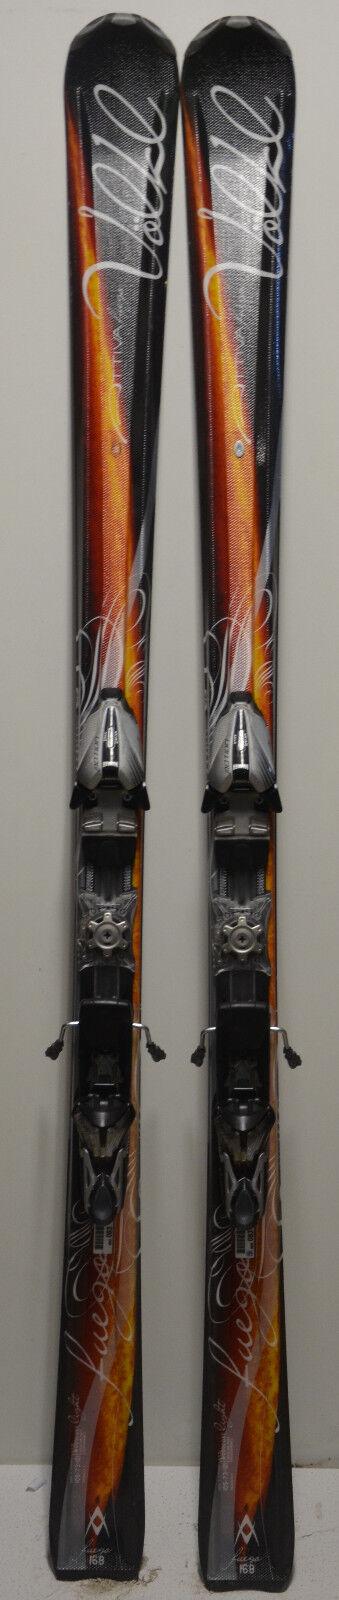 Parabel Ski gebraucht Frau Völkl Attiva Attiva Attiva Fuego - 168cm ed0c7a